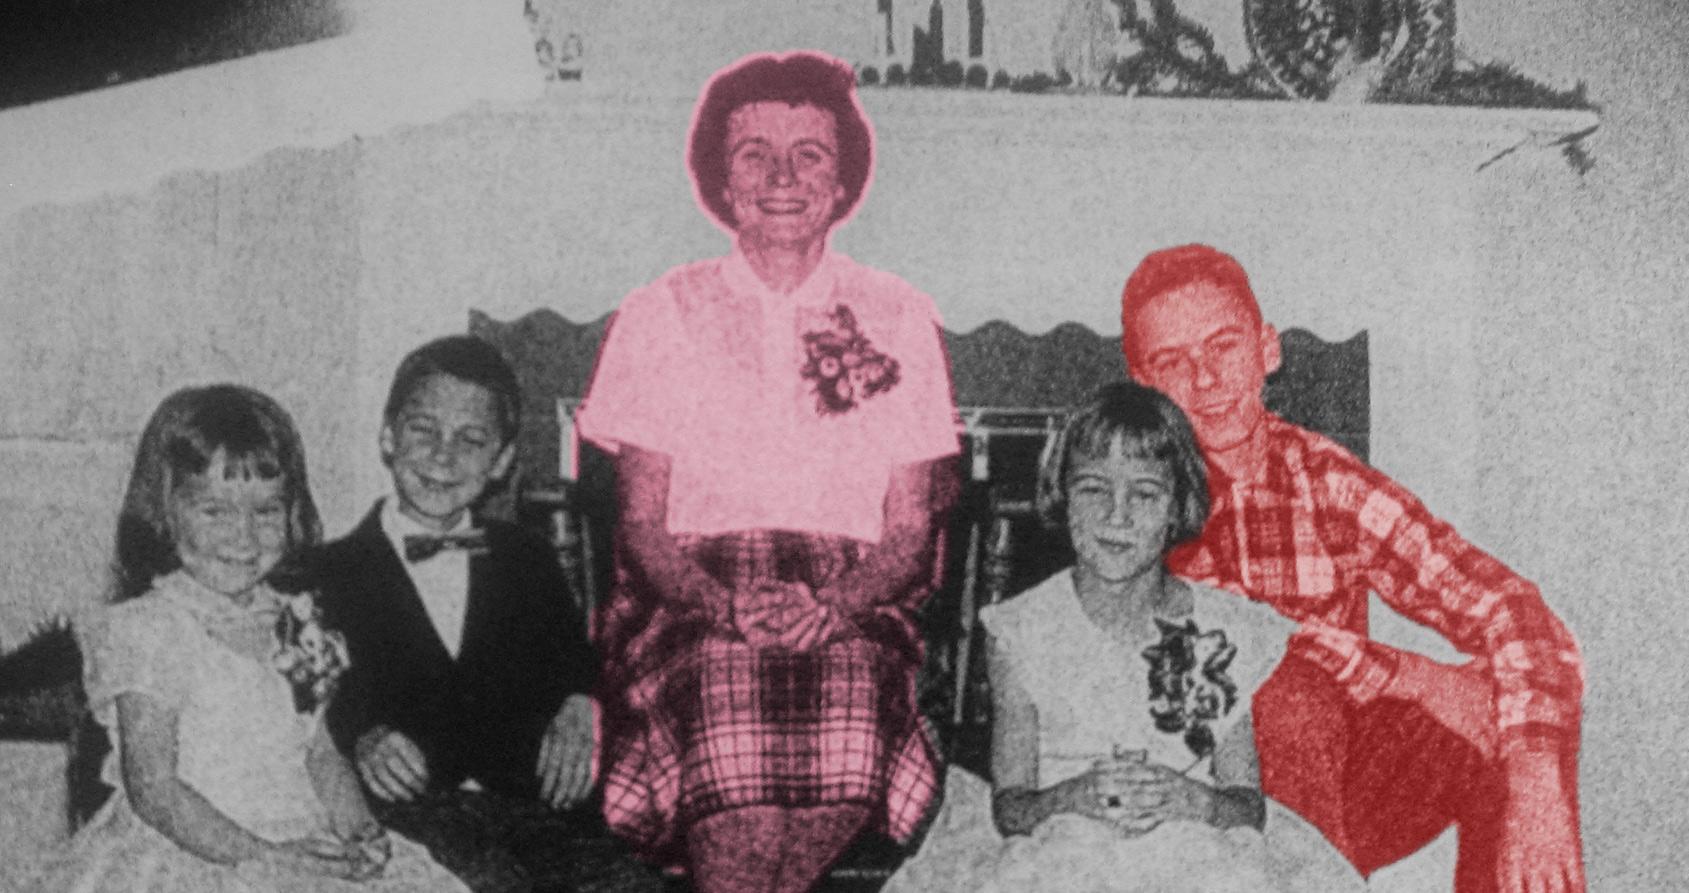 J'ai pris le thé avec la mère de Ted Bundy le jour de son exécution